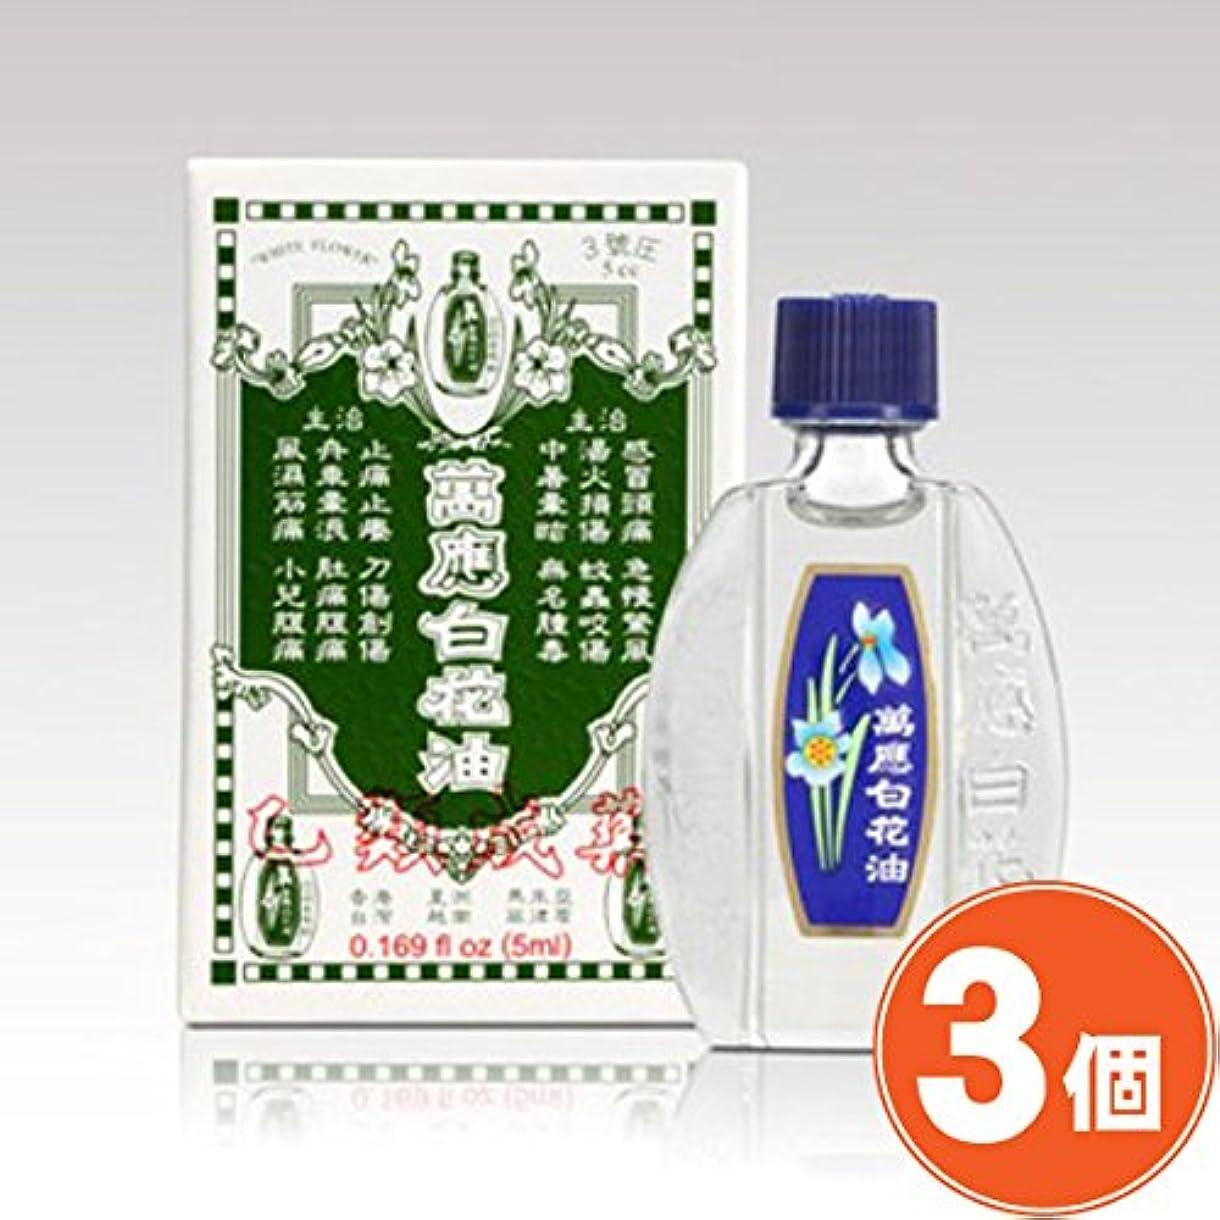 ブラインド繊維結果として《萬應白花油》 台湾の万能アロマオイル 万能白花油 5ml × 3個 《台湾 お土産》 [並行輸入品]